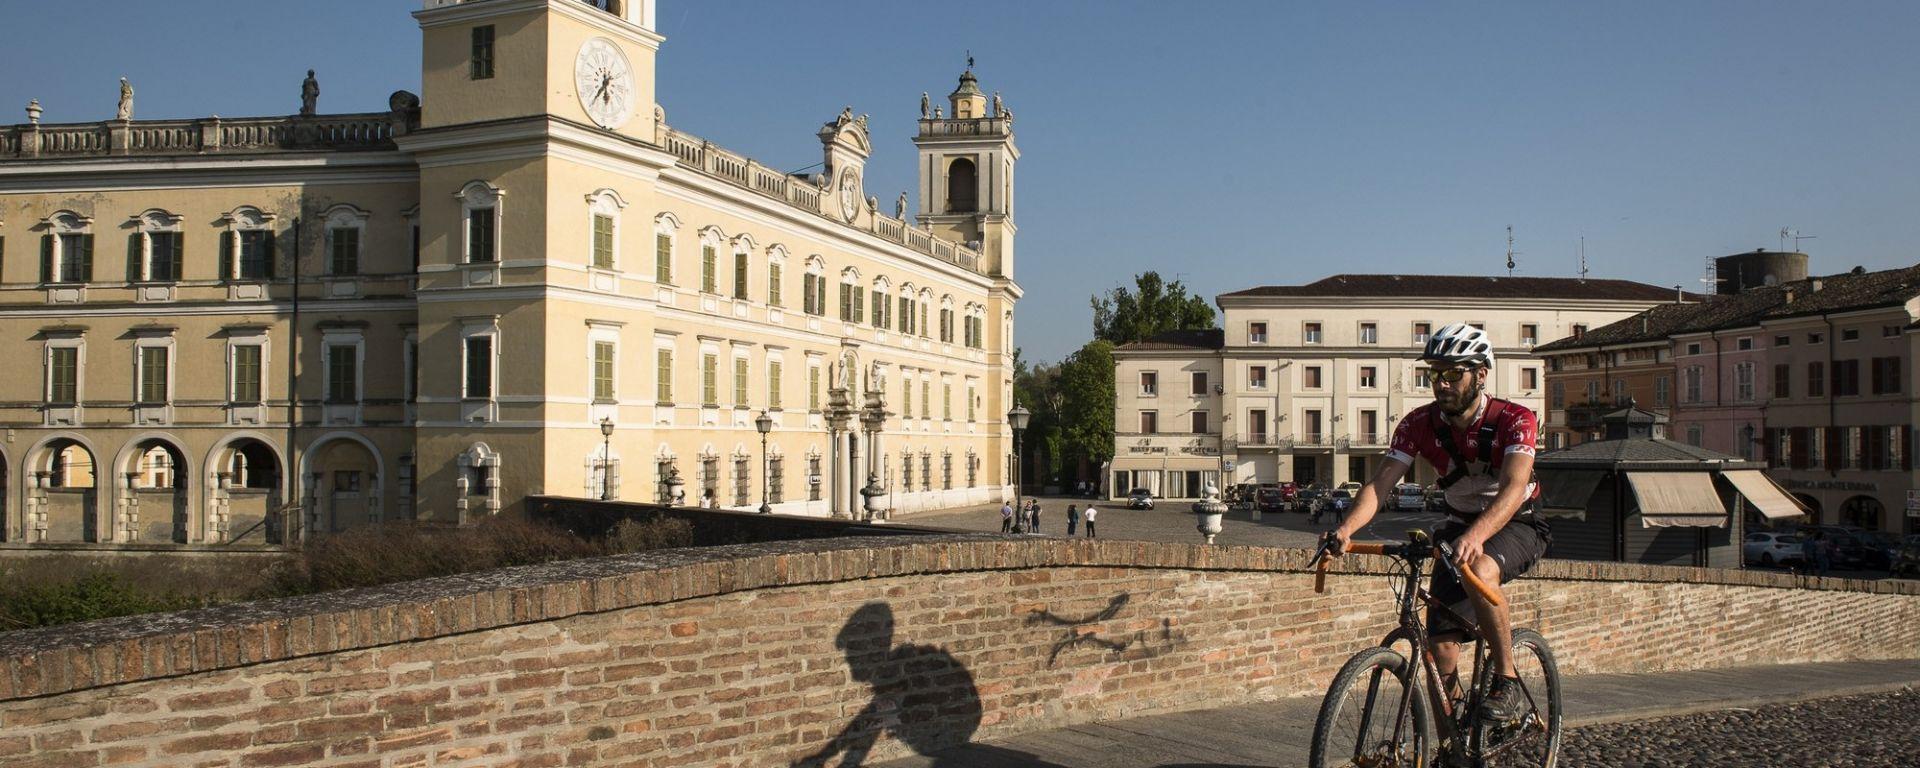 Urban Award 2020: la vittoria alla città di Parma